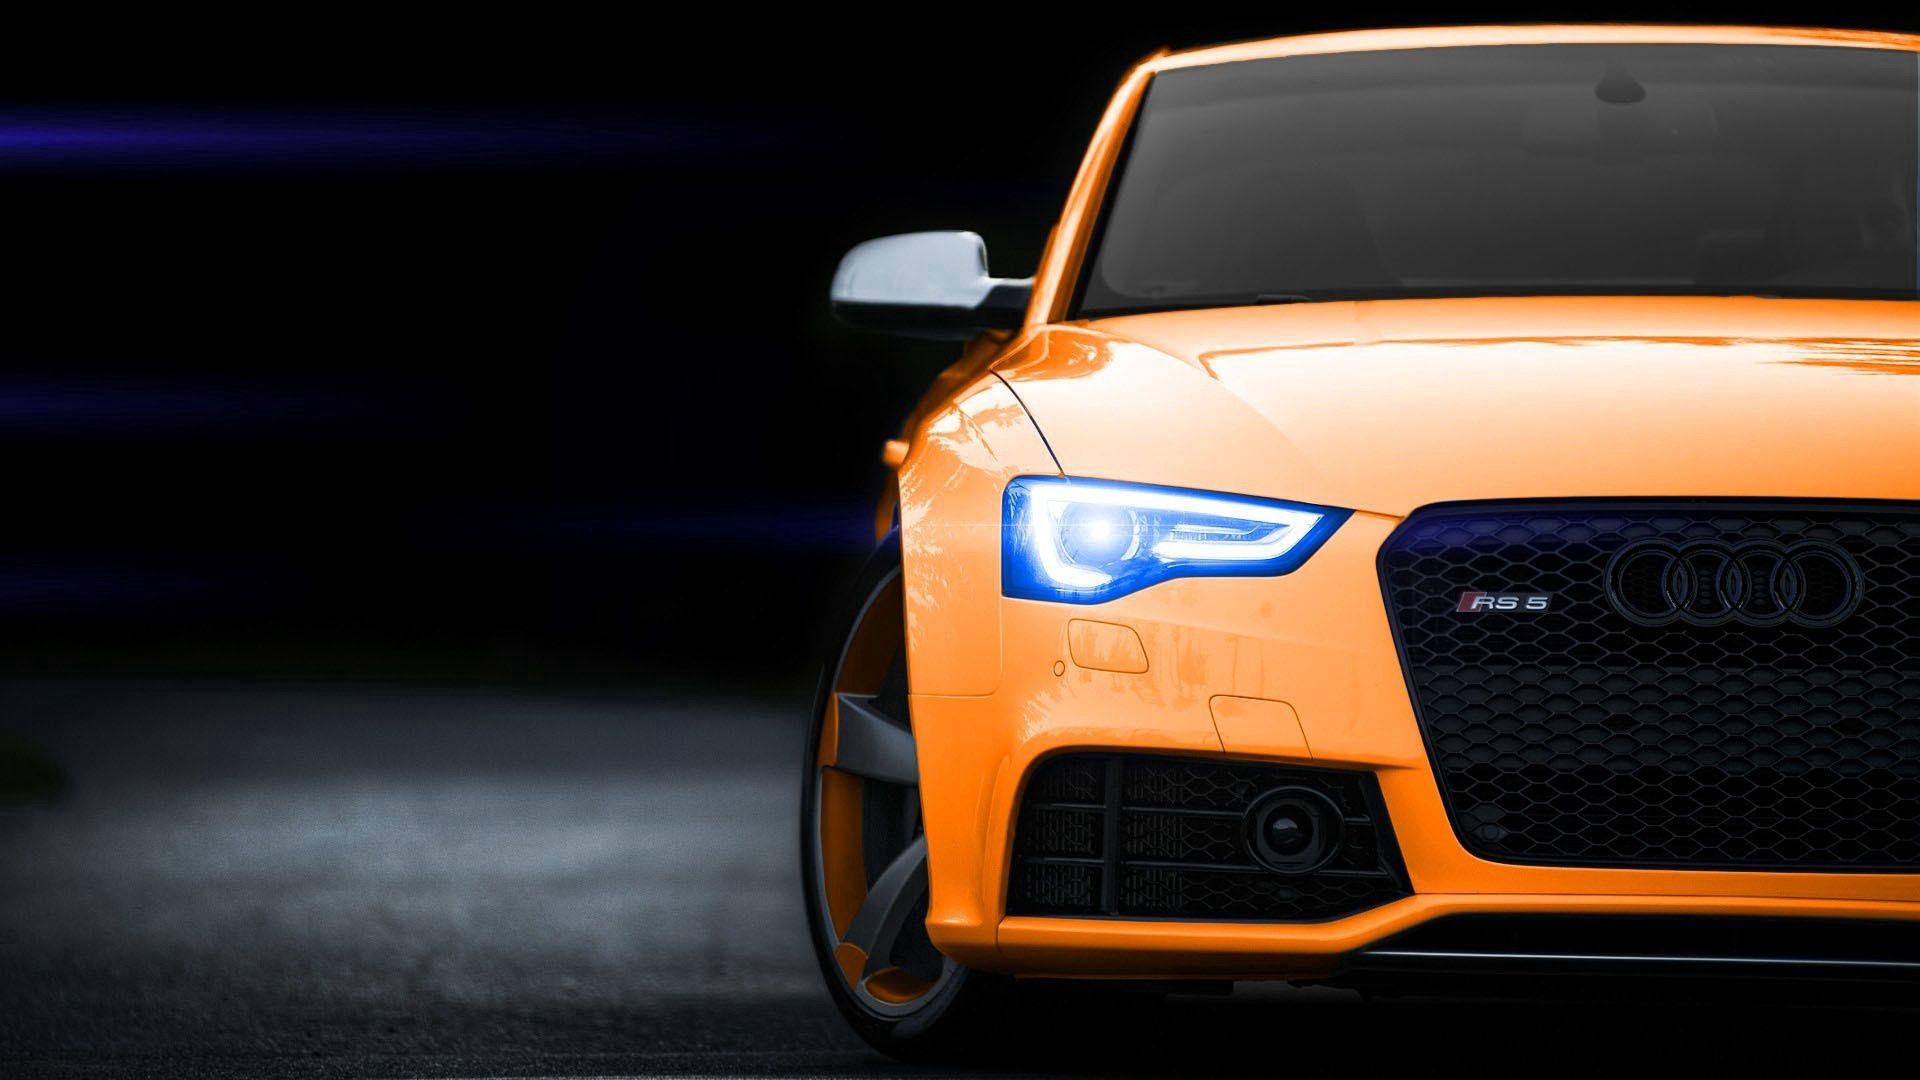 99071 Заставки и Обои Фары на телефон. Скачать Ауди (Audi), Бампер, Тачки (Cars), Свет, Фары, Audi Rs5 картинки бесплатно